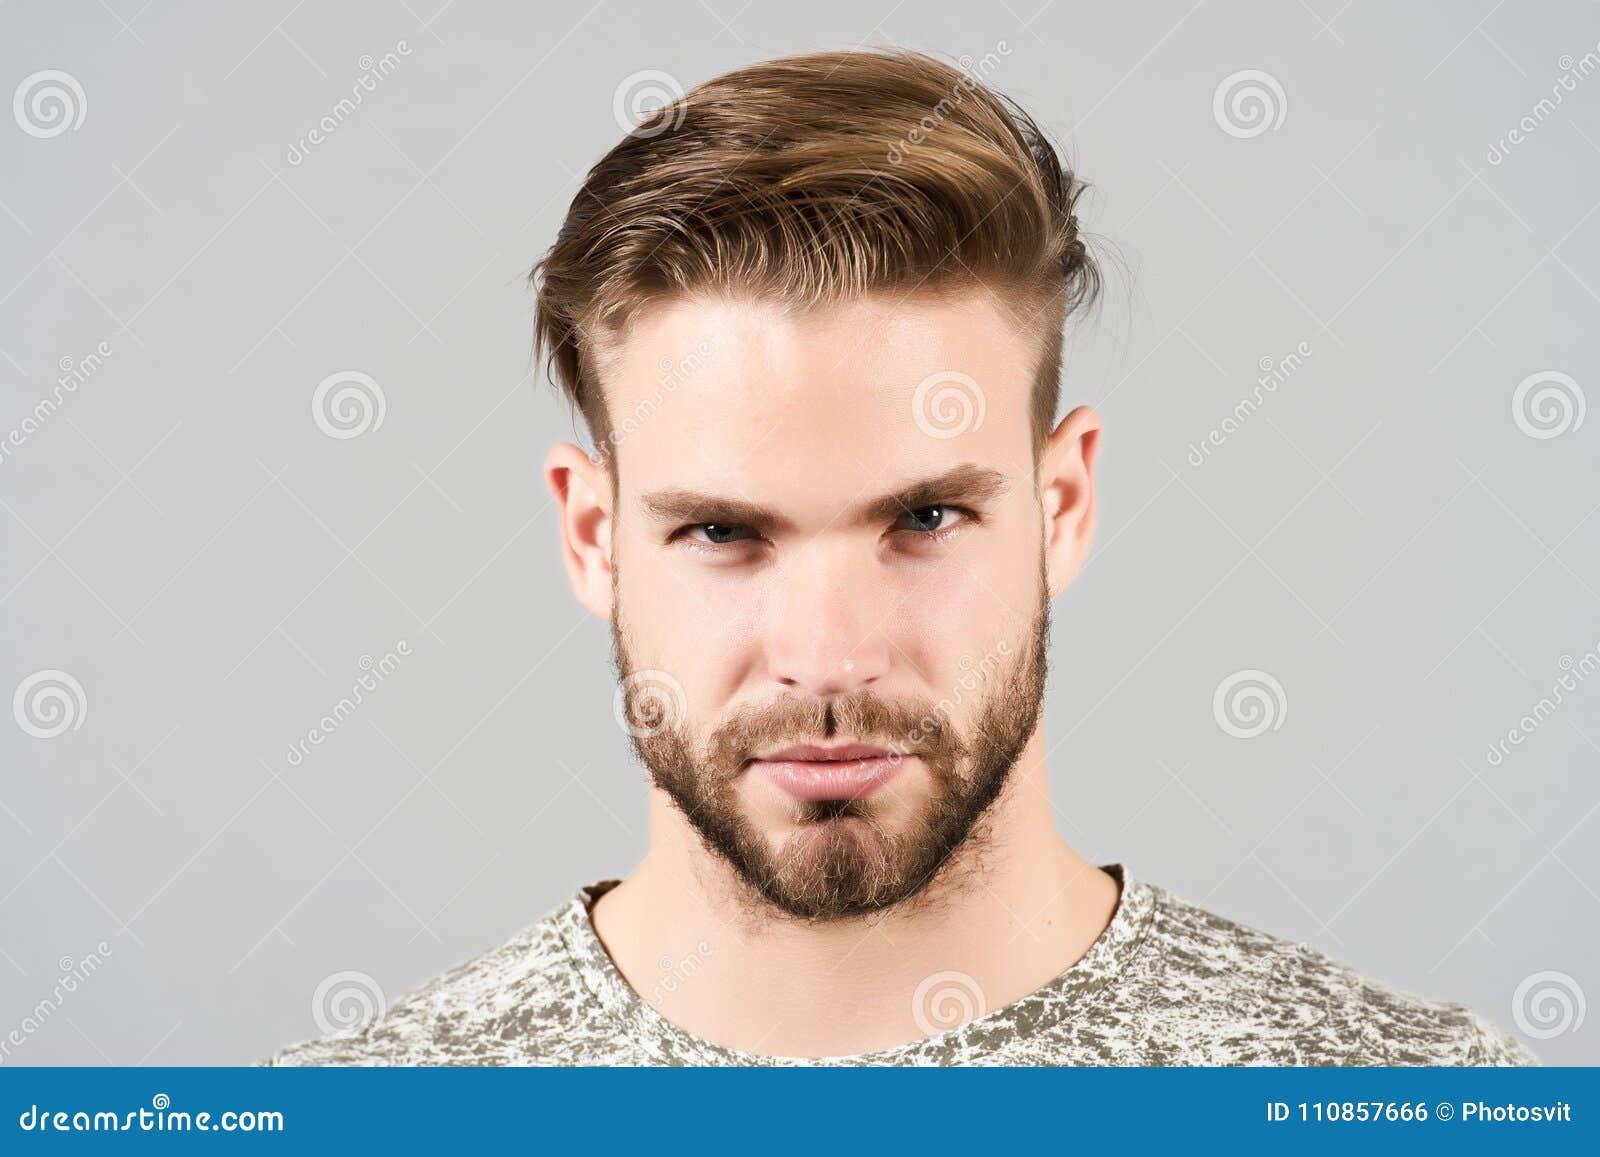 Grabb med den skäggiga framsidan, stilfullt hår, frisyr, barberaresalong